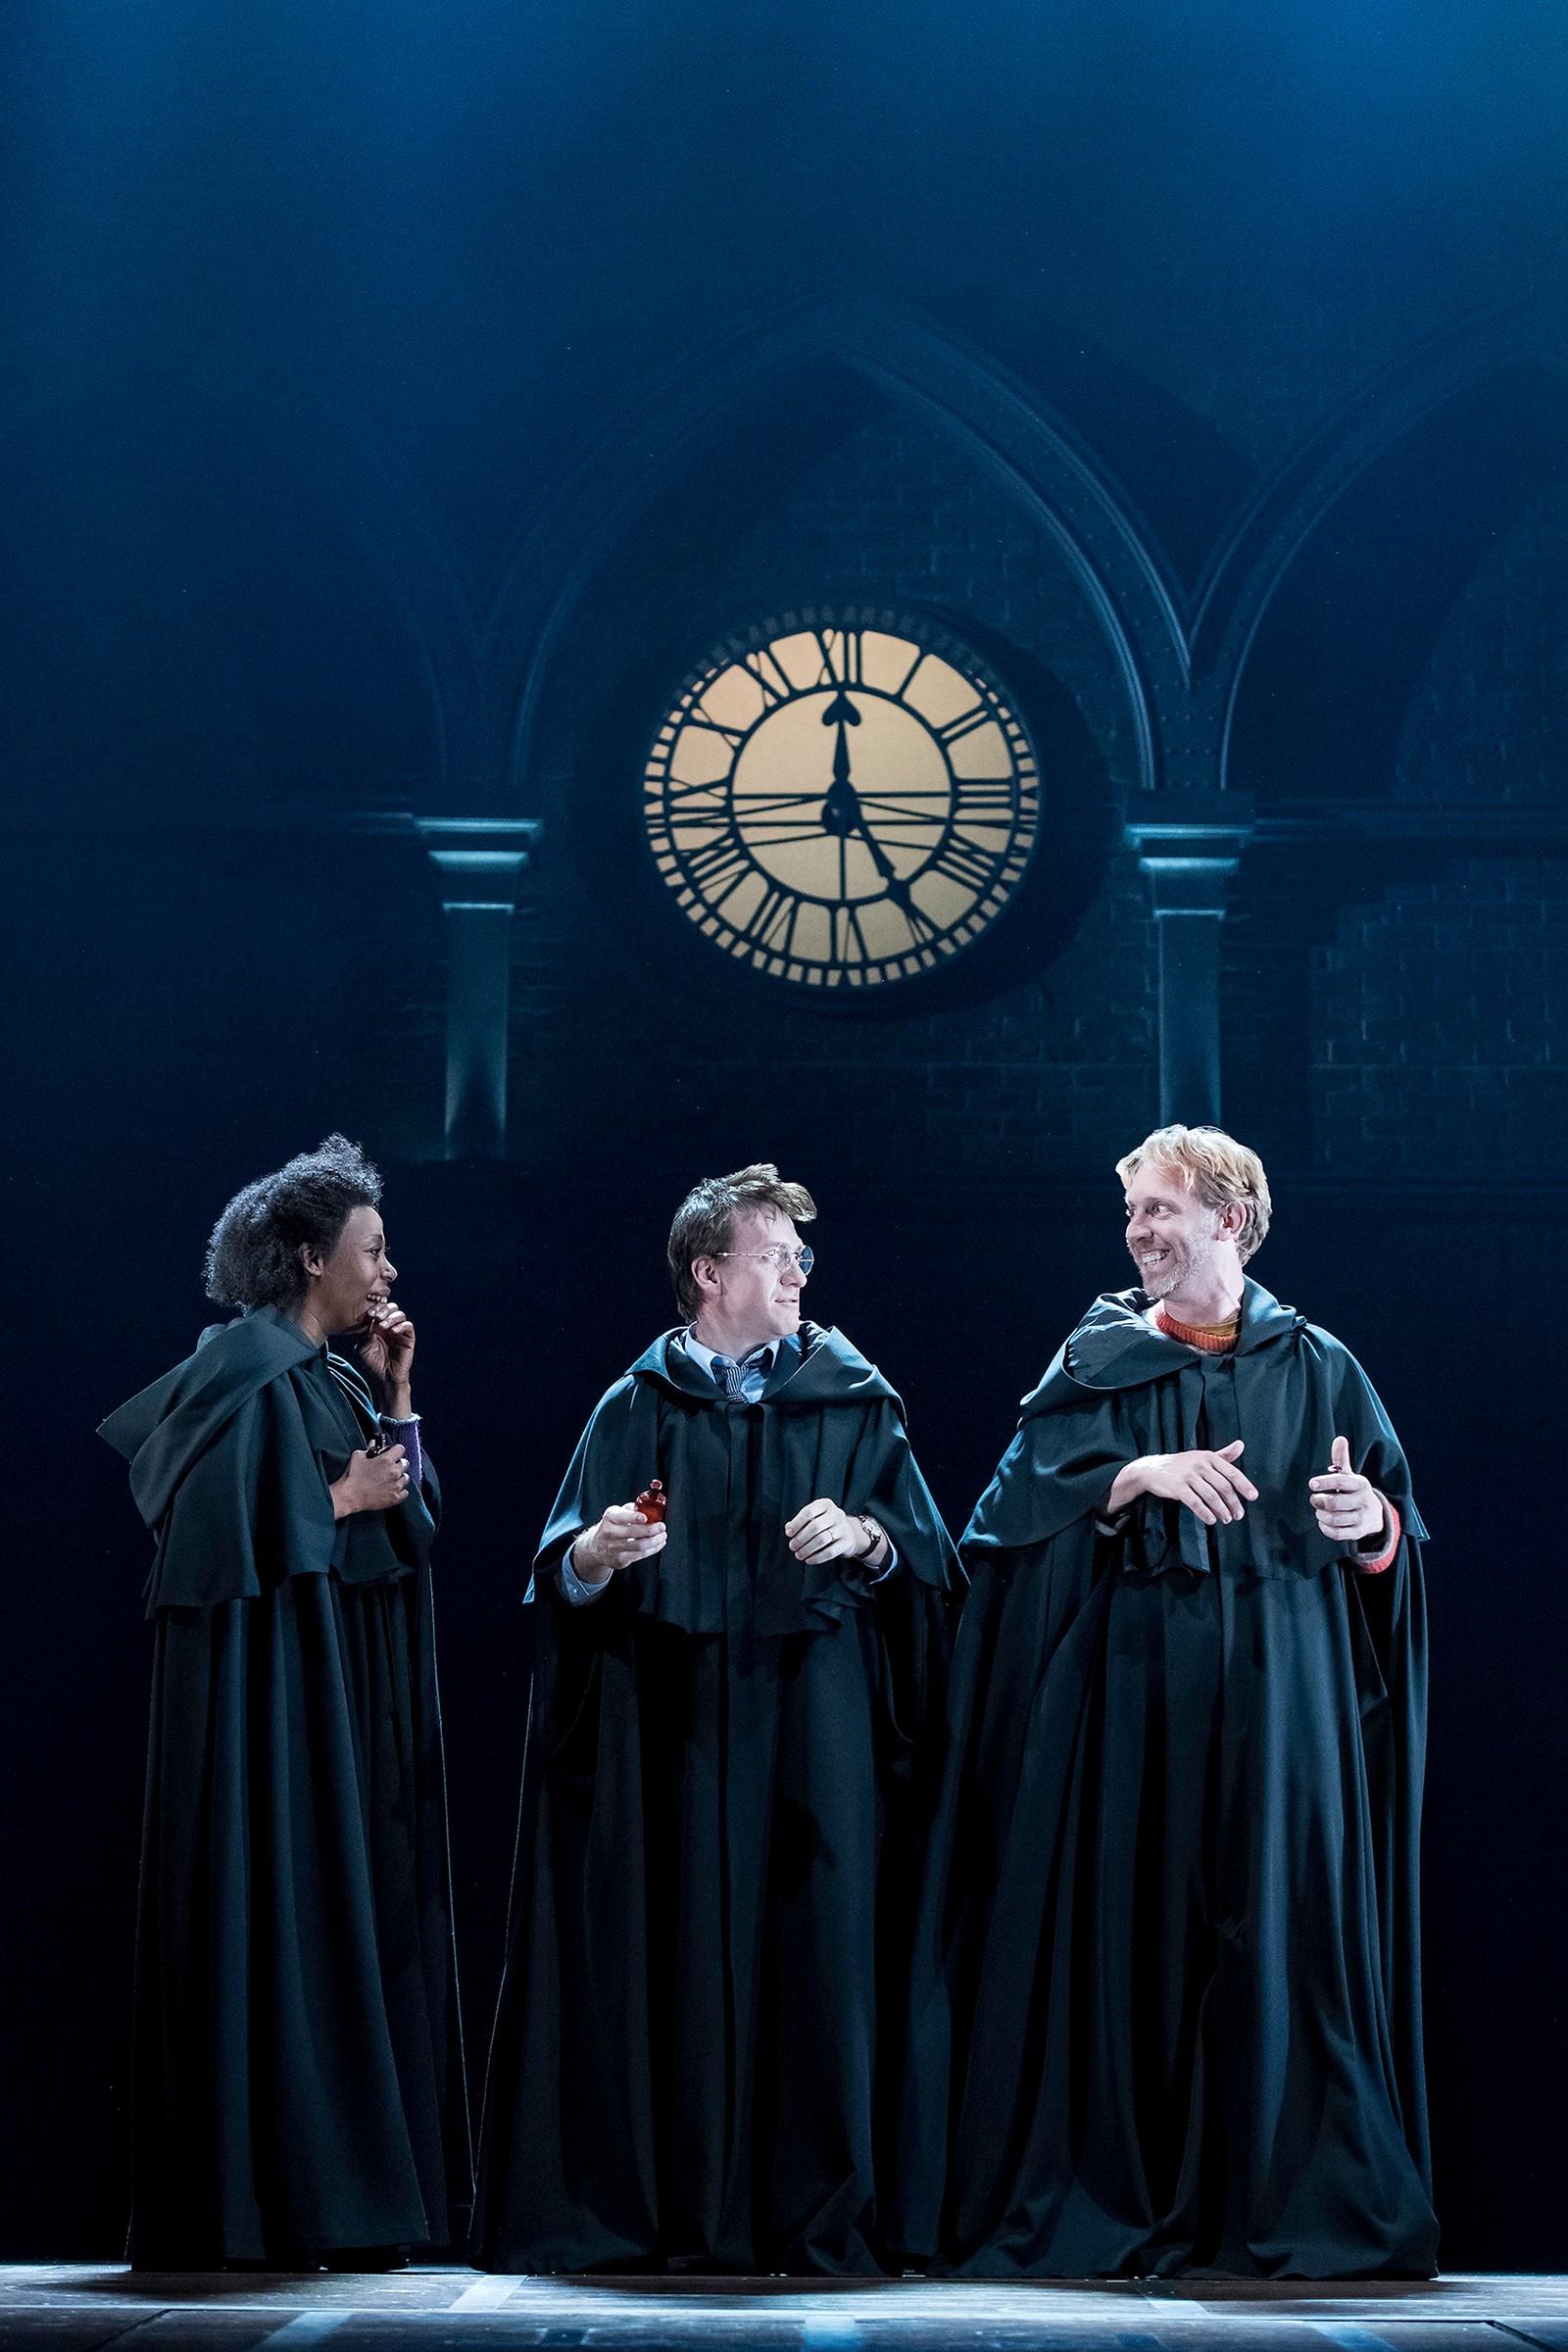 GAMLE VENNER: De møttes da de var elever på Galtvort, men er fremdeles venner. Her er Hermine Grang (Noma Dumezweni), Harry Potter (Jamie Parker) og Ronny Wiltersen (Paul Thornley) som voksne.